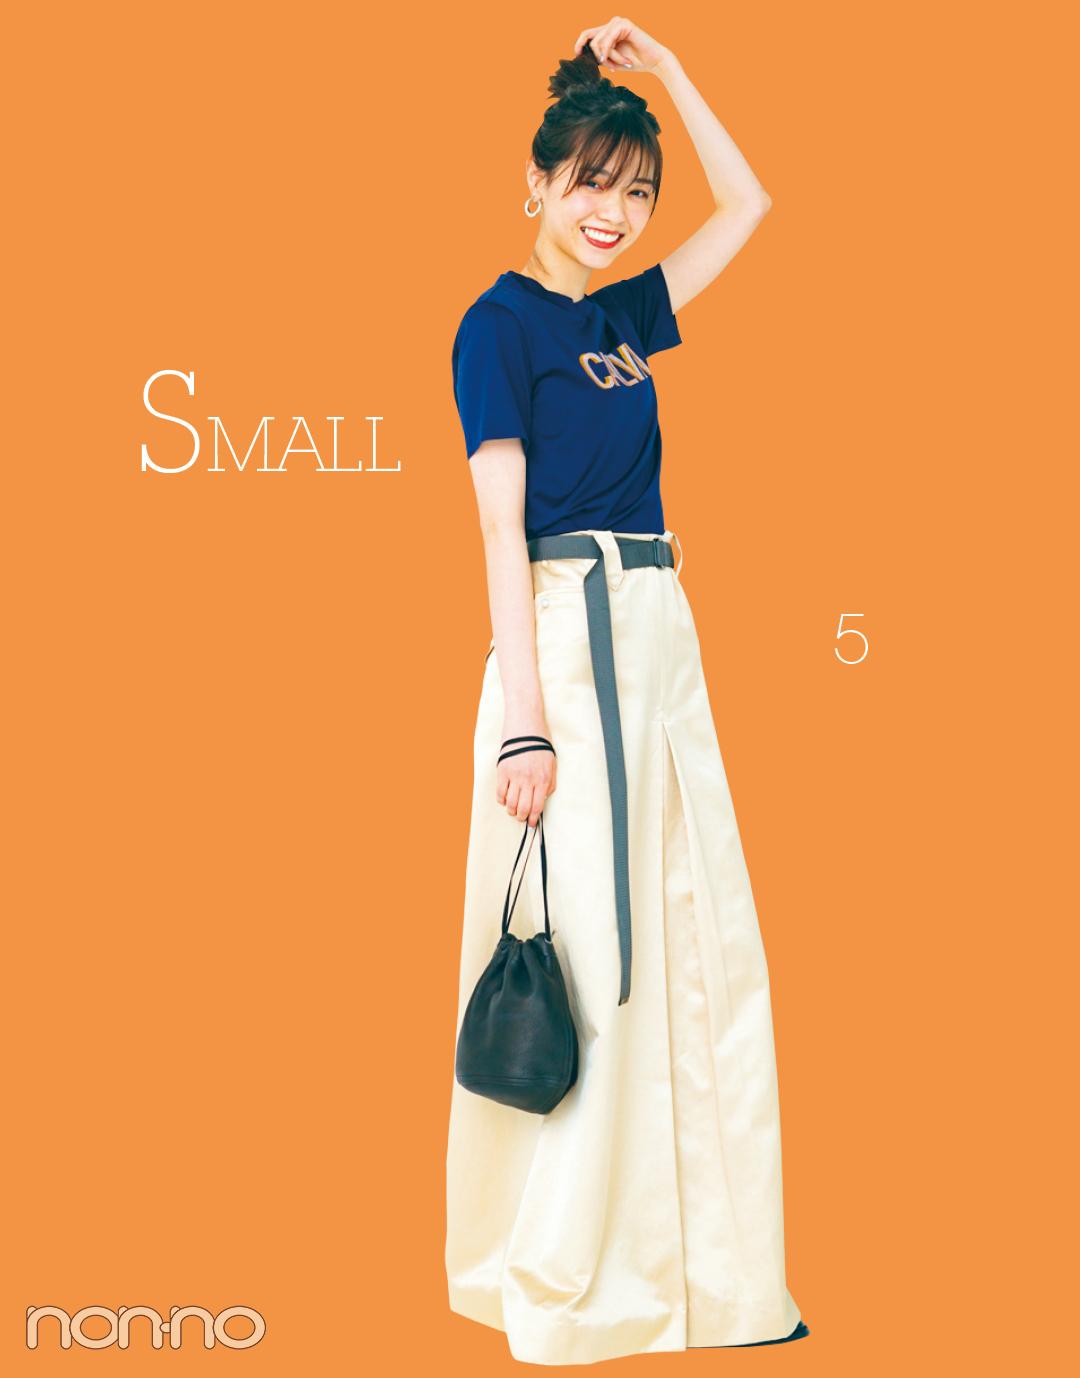 西野七瀬のビッグTシャツ&スモールTシャツ♡ 女っぽコーデバトル!_1_4-3